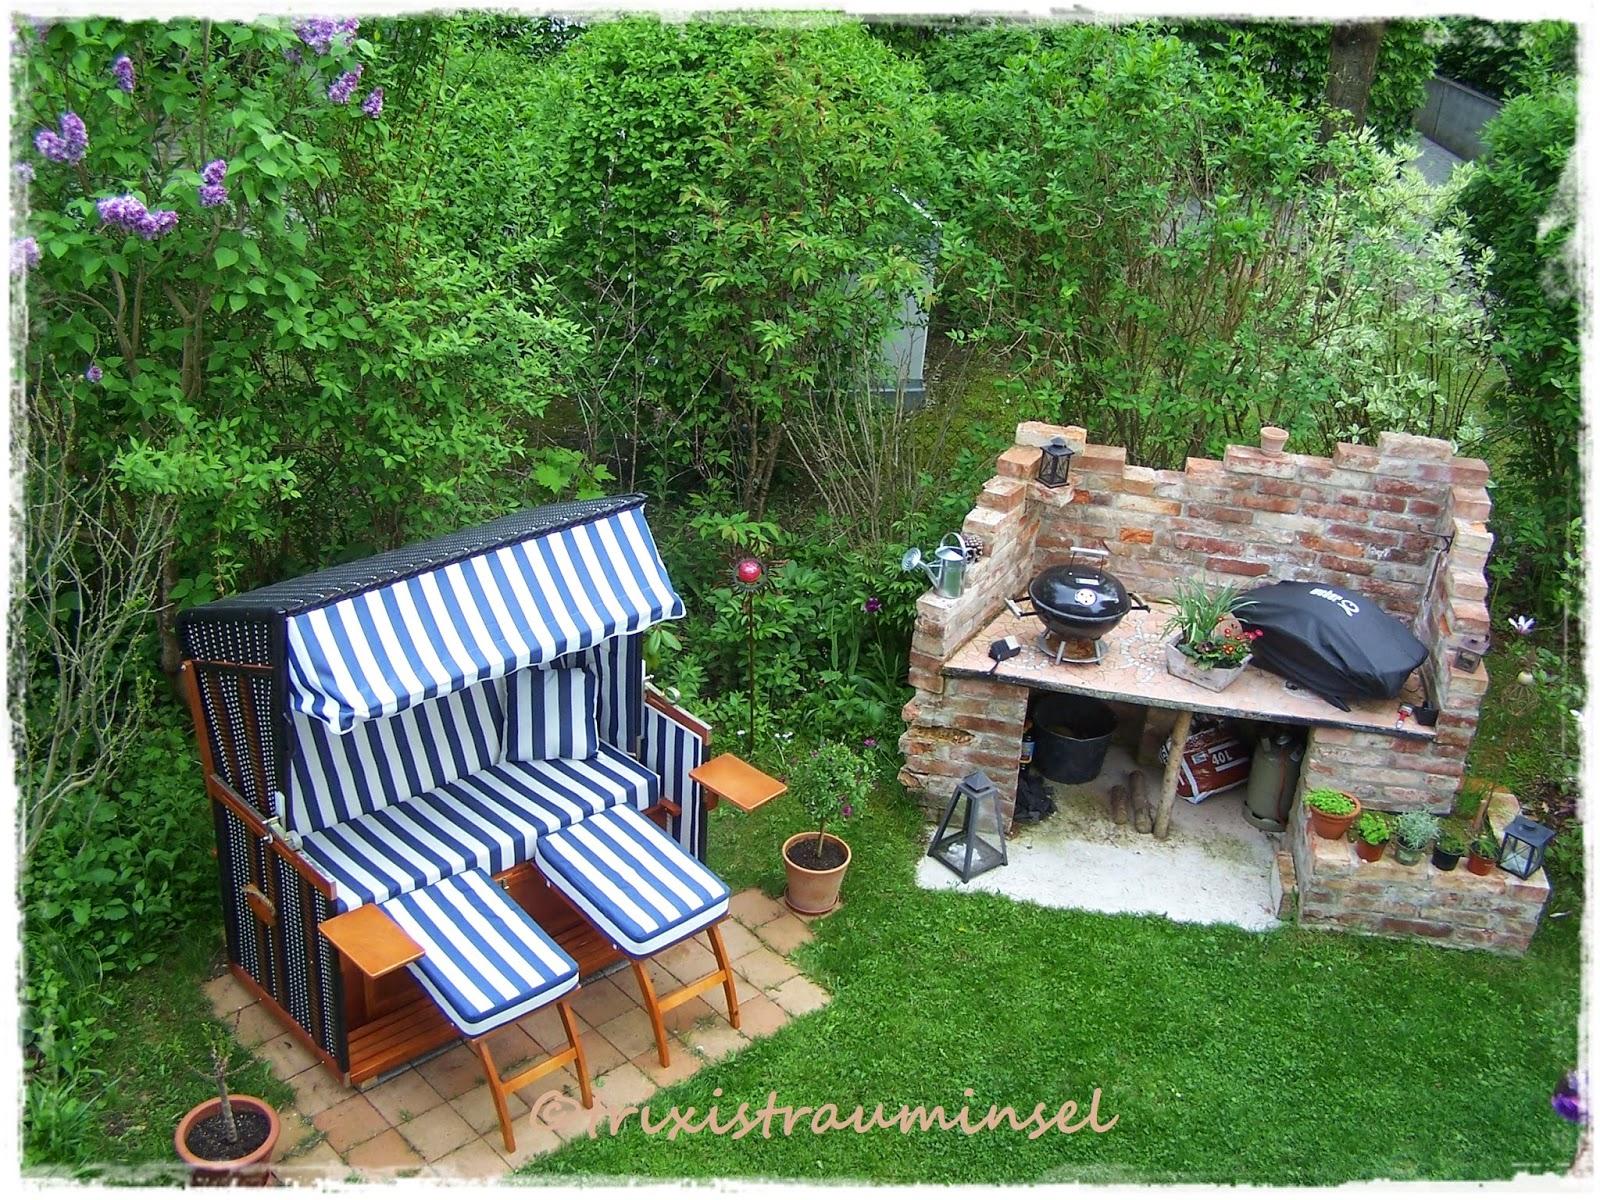 grillplatz im garten gestalten im garten daheim stein. Black Bedroom Furniture Sets. Home Design Ideas